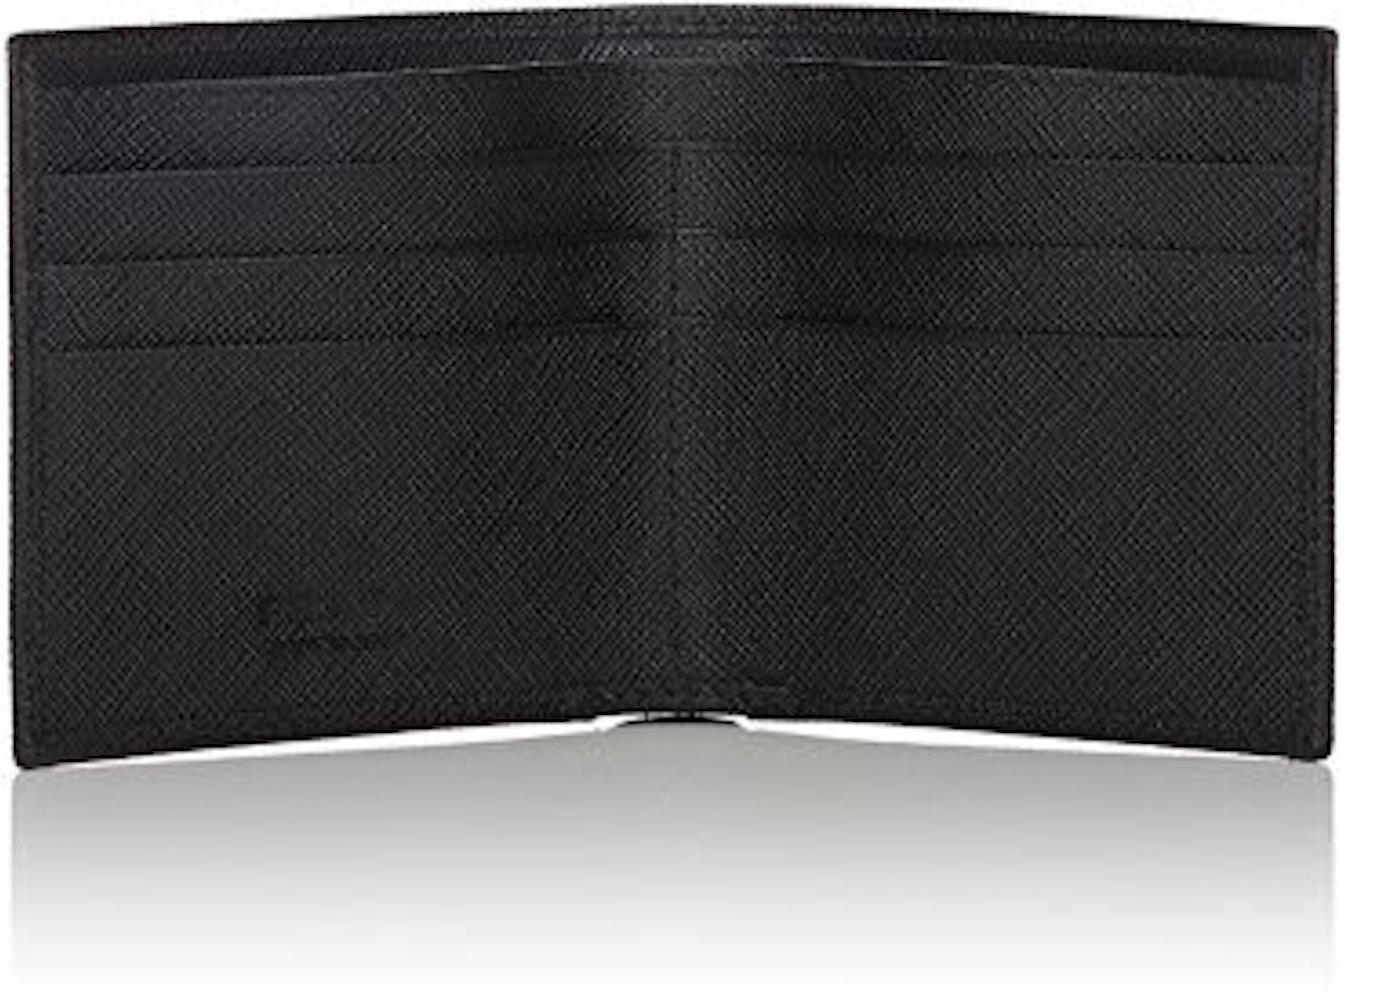 b3ed64696e7341 Buy & Sell Prada Luxury Handbags